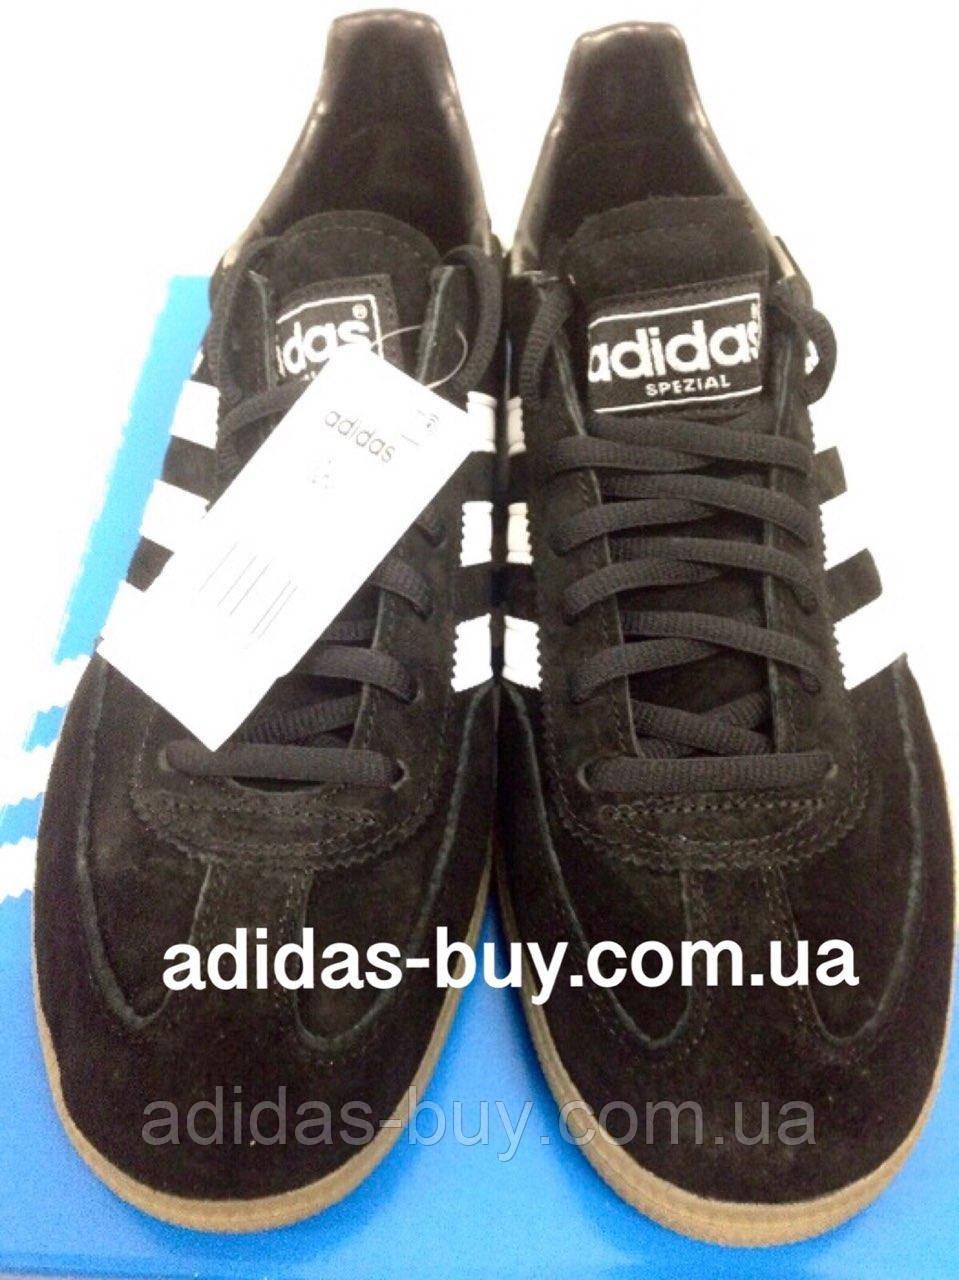 Кроссовки мужские оригинальные  adidas Originals Spezial 551483 цвет: чёрный